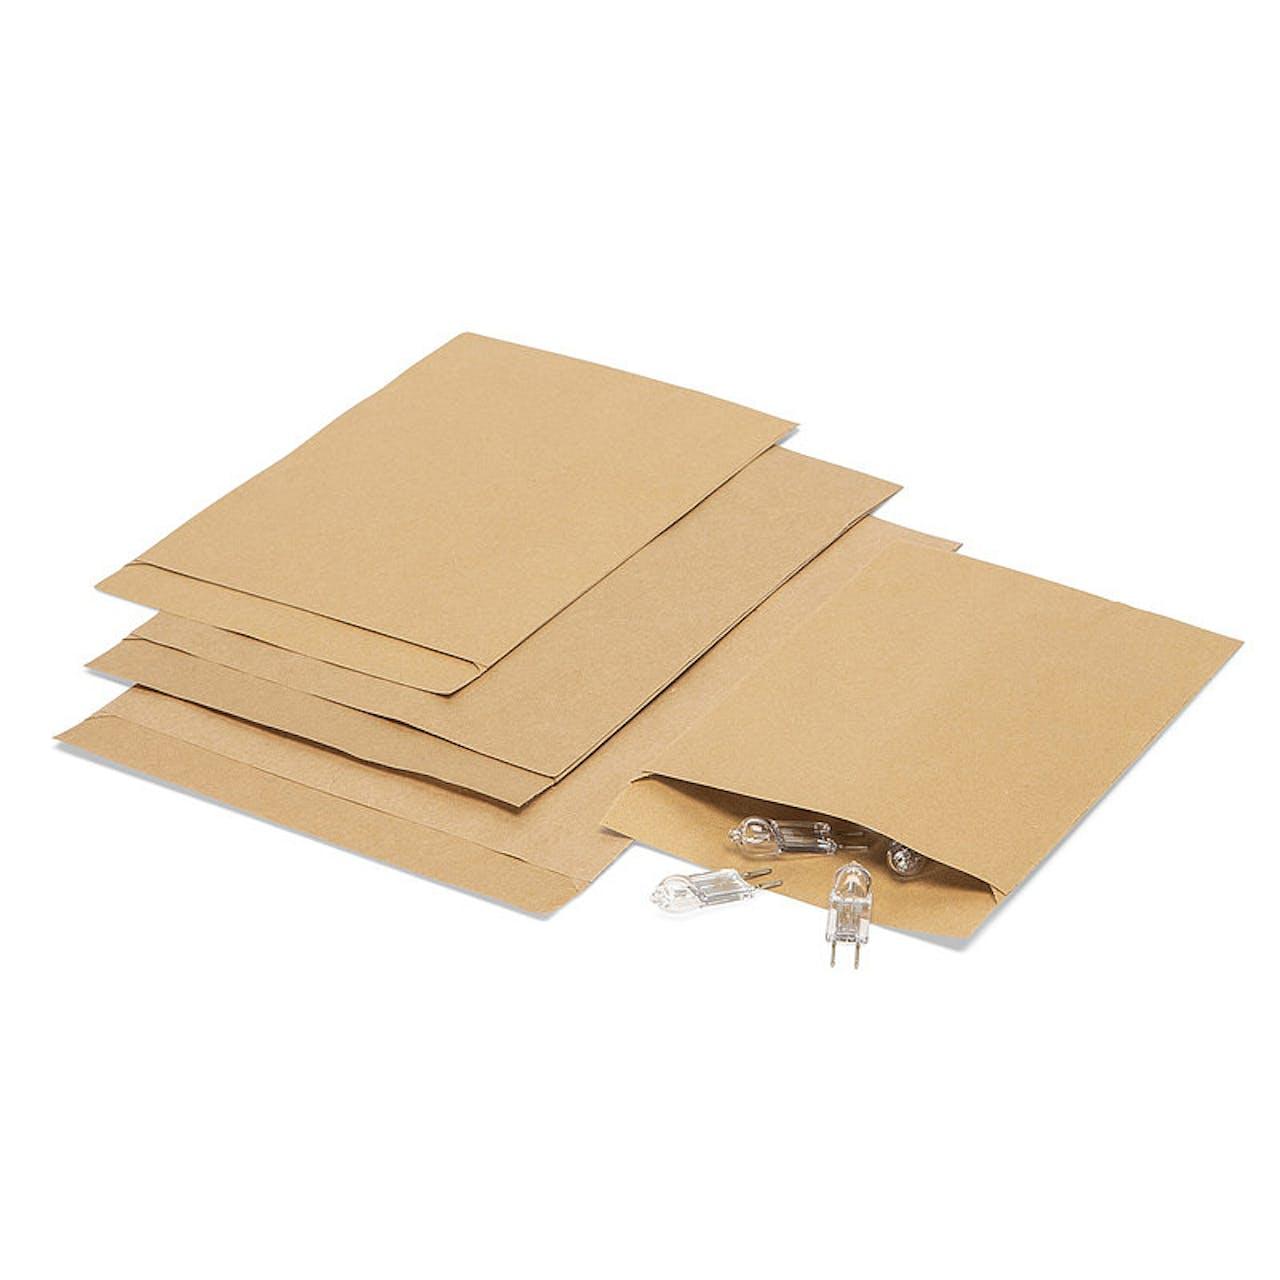 Flachbeutel, Natronpapier 70 g/m˛